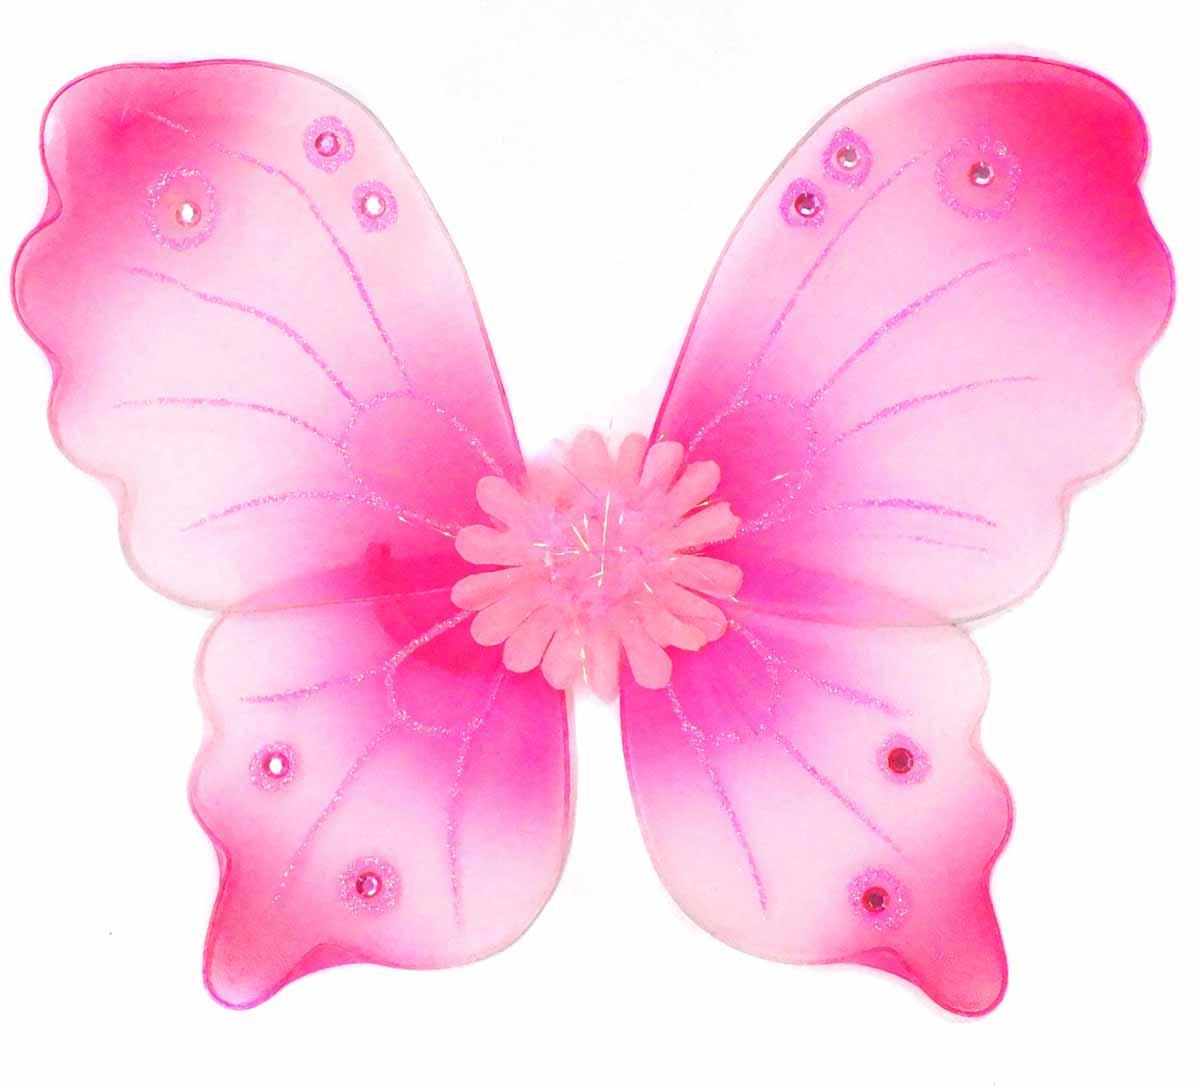 Новогодняя сказка Крылья карнавальные Бабочка цвет розовый 972580 -  Аксессуары для детского праздника